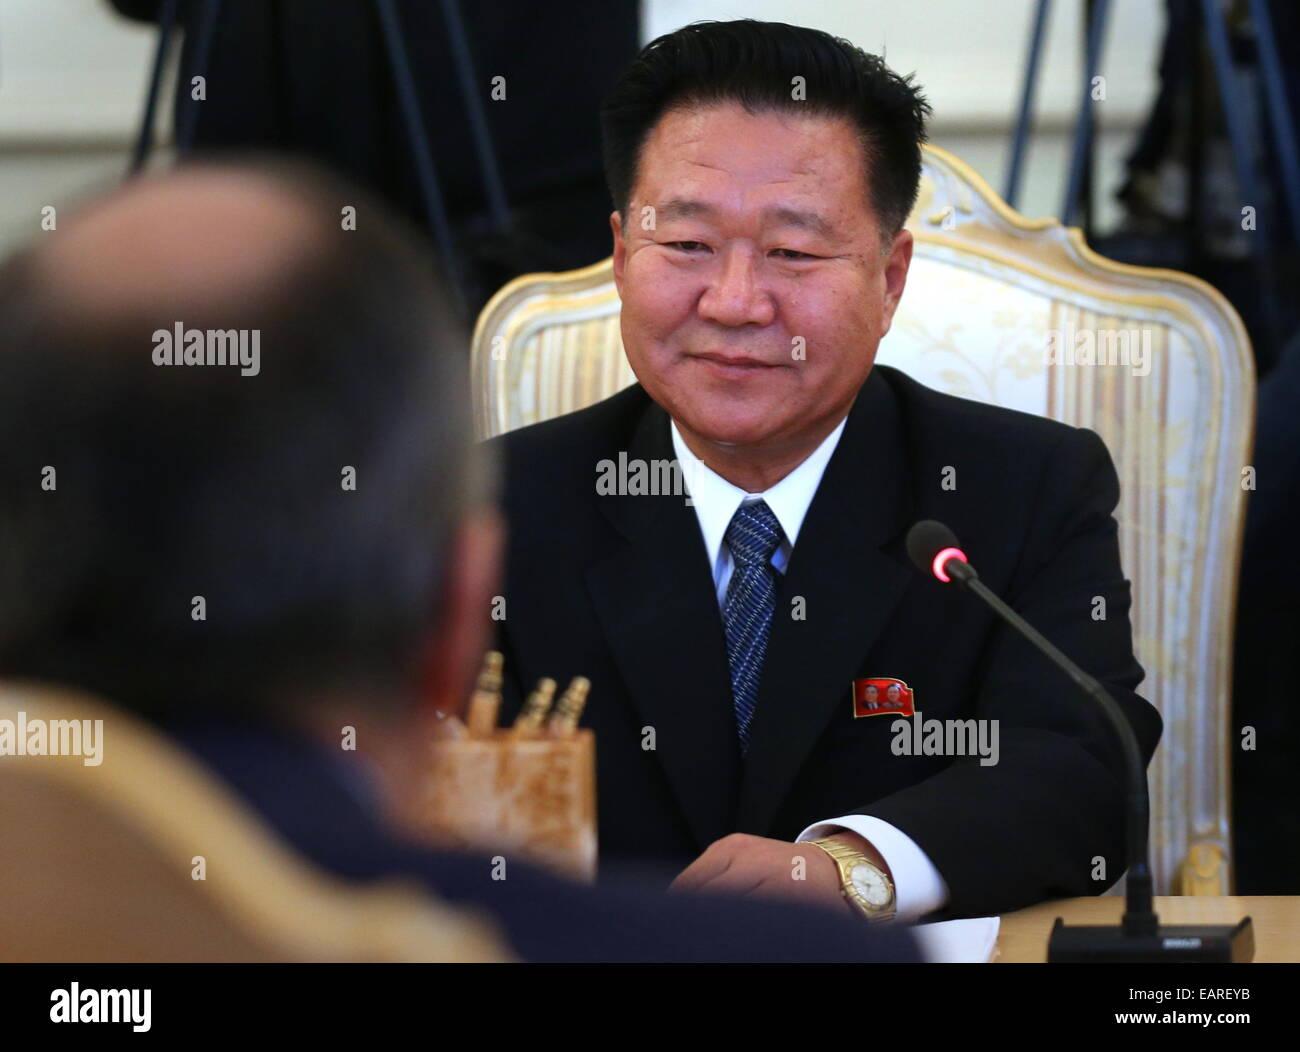 Moscou, Russie. 20 Nov, 2014. Choe Ryong Hae (R), membre du Présidium du Parti des travailleurs de la République Photo Stock